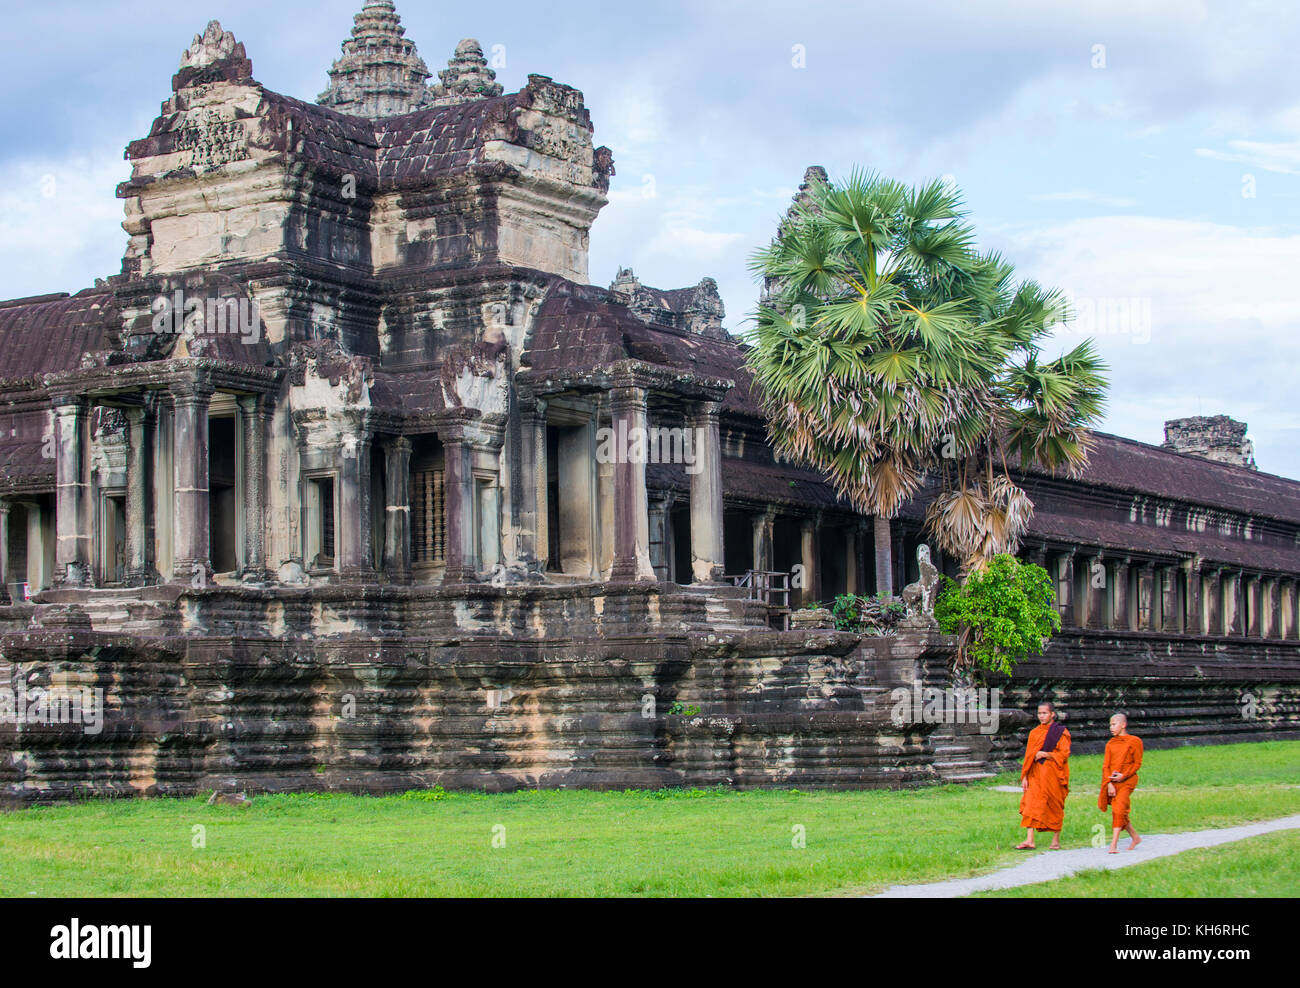 Los monjes budistas en el templo de Angkor Wat en Siem Reap, Camboya Foto de stock